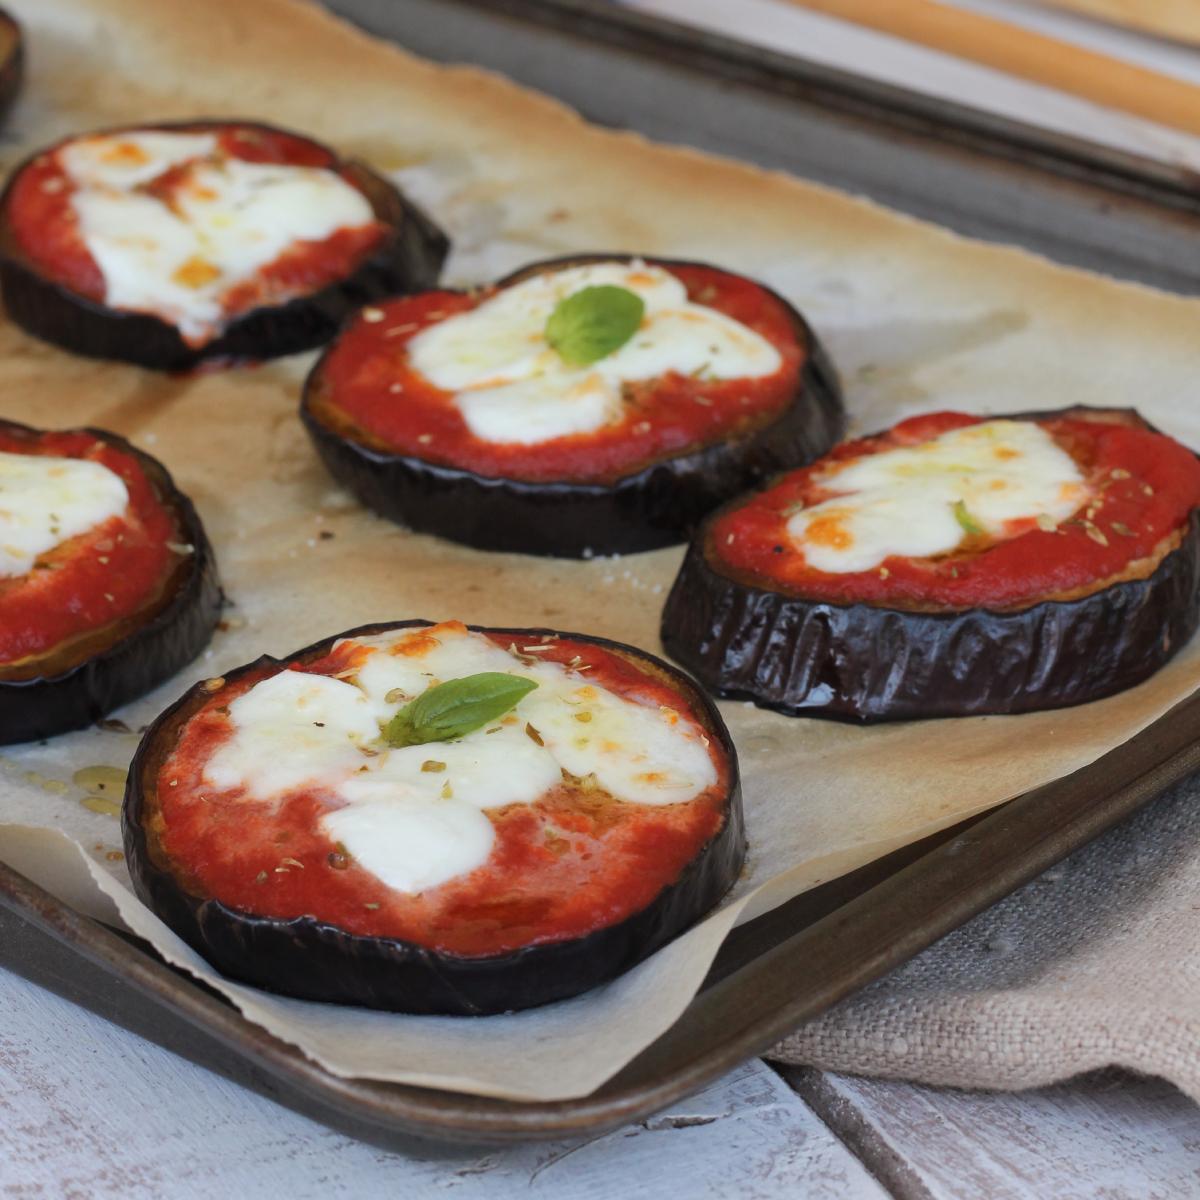 MELANZANE alla pizzaiola al forno o in padella | ricetta con melanzane